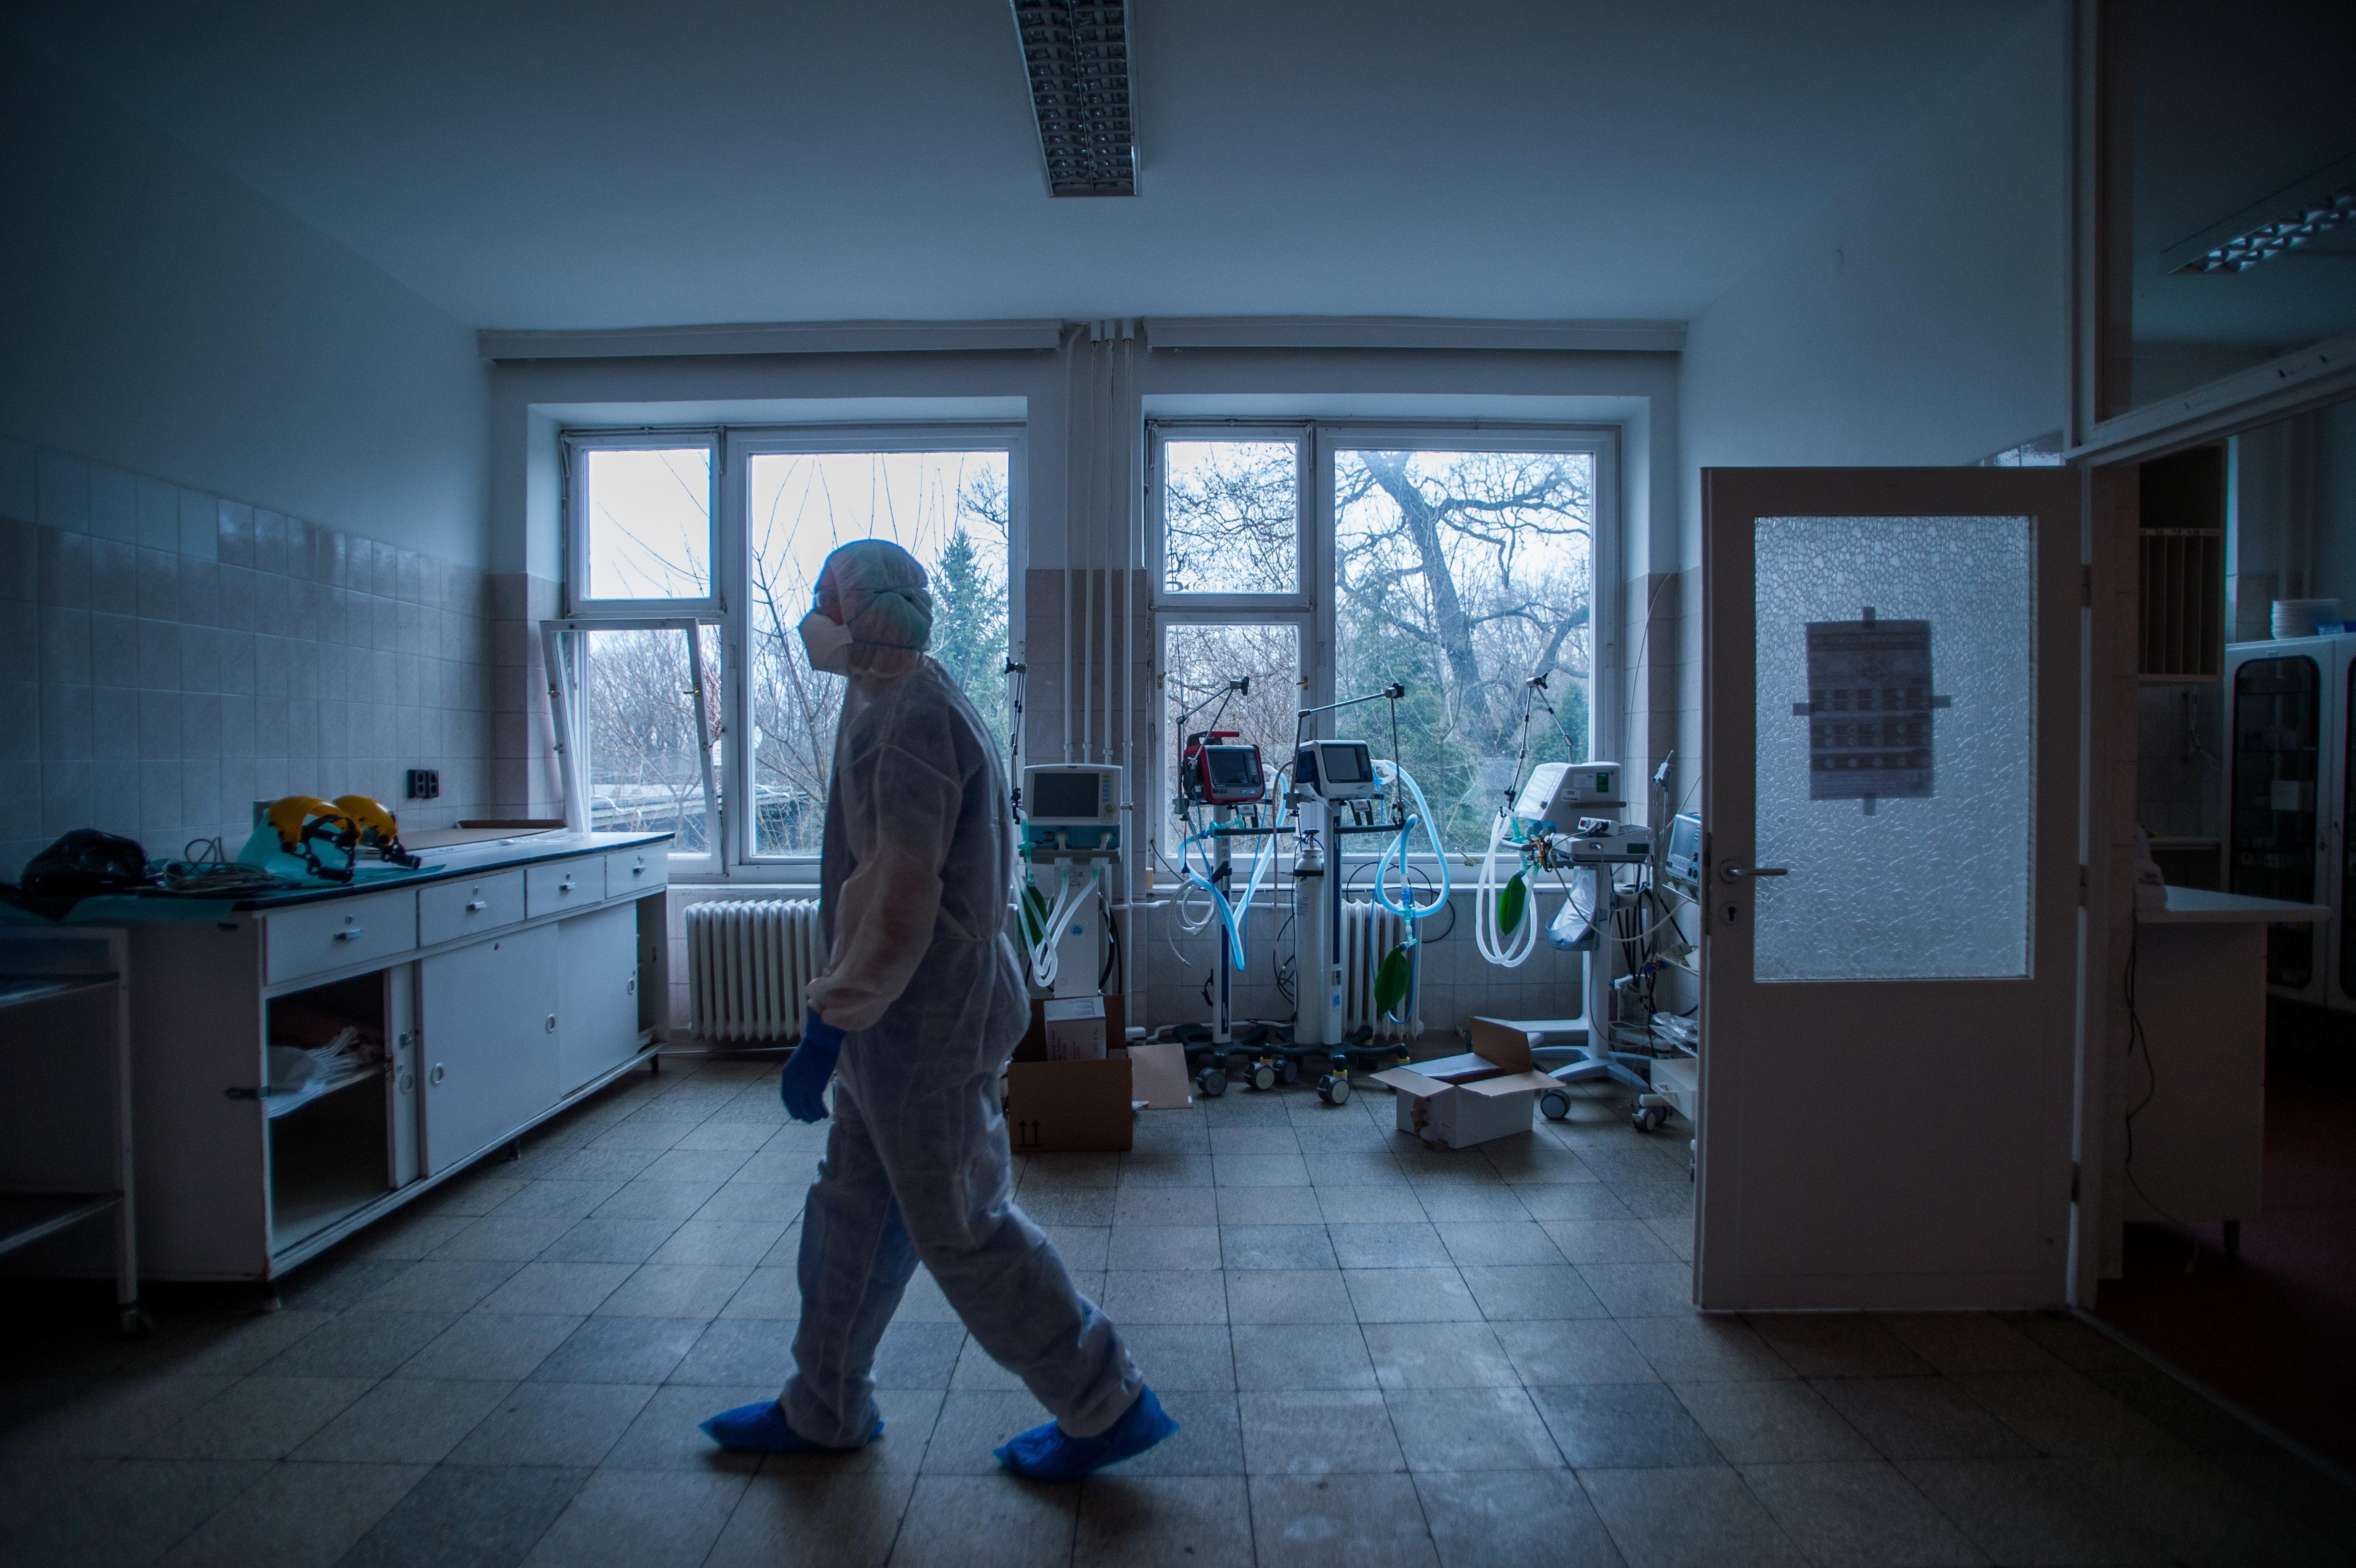 Gyurcsány és Orbán is felforgatta a járványügyet, így meggyengült állapotban találta telibe a koronavírus